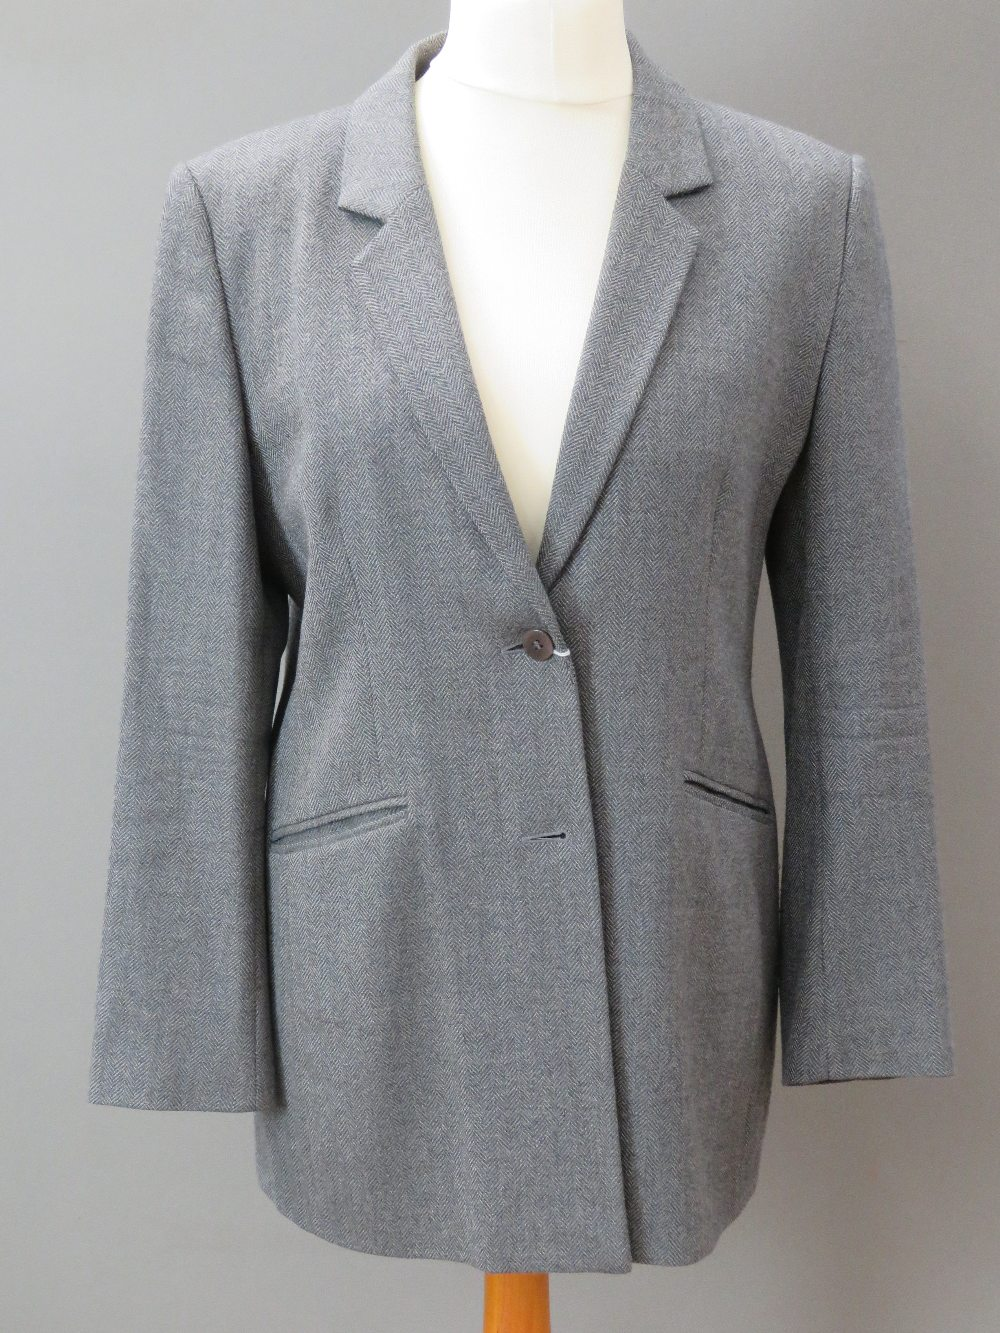 A ladies wool and cashmere grey tweed ja